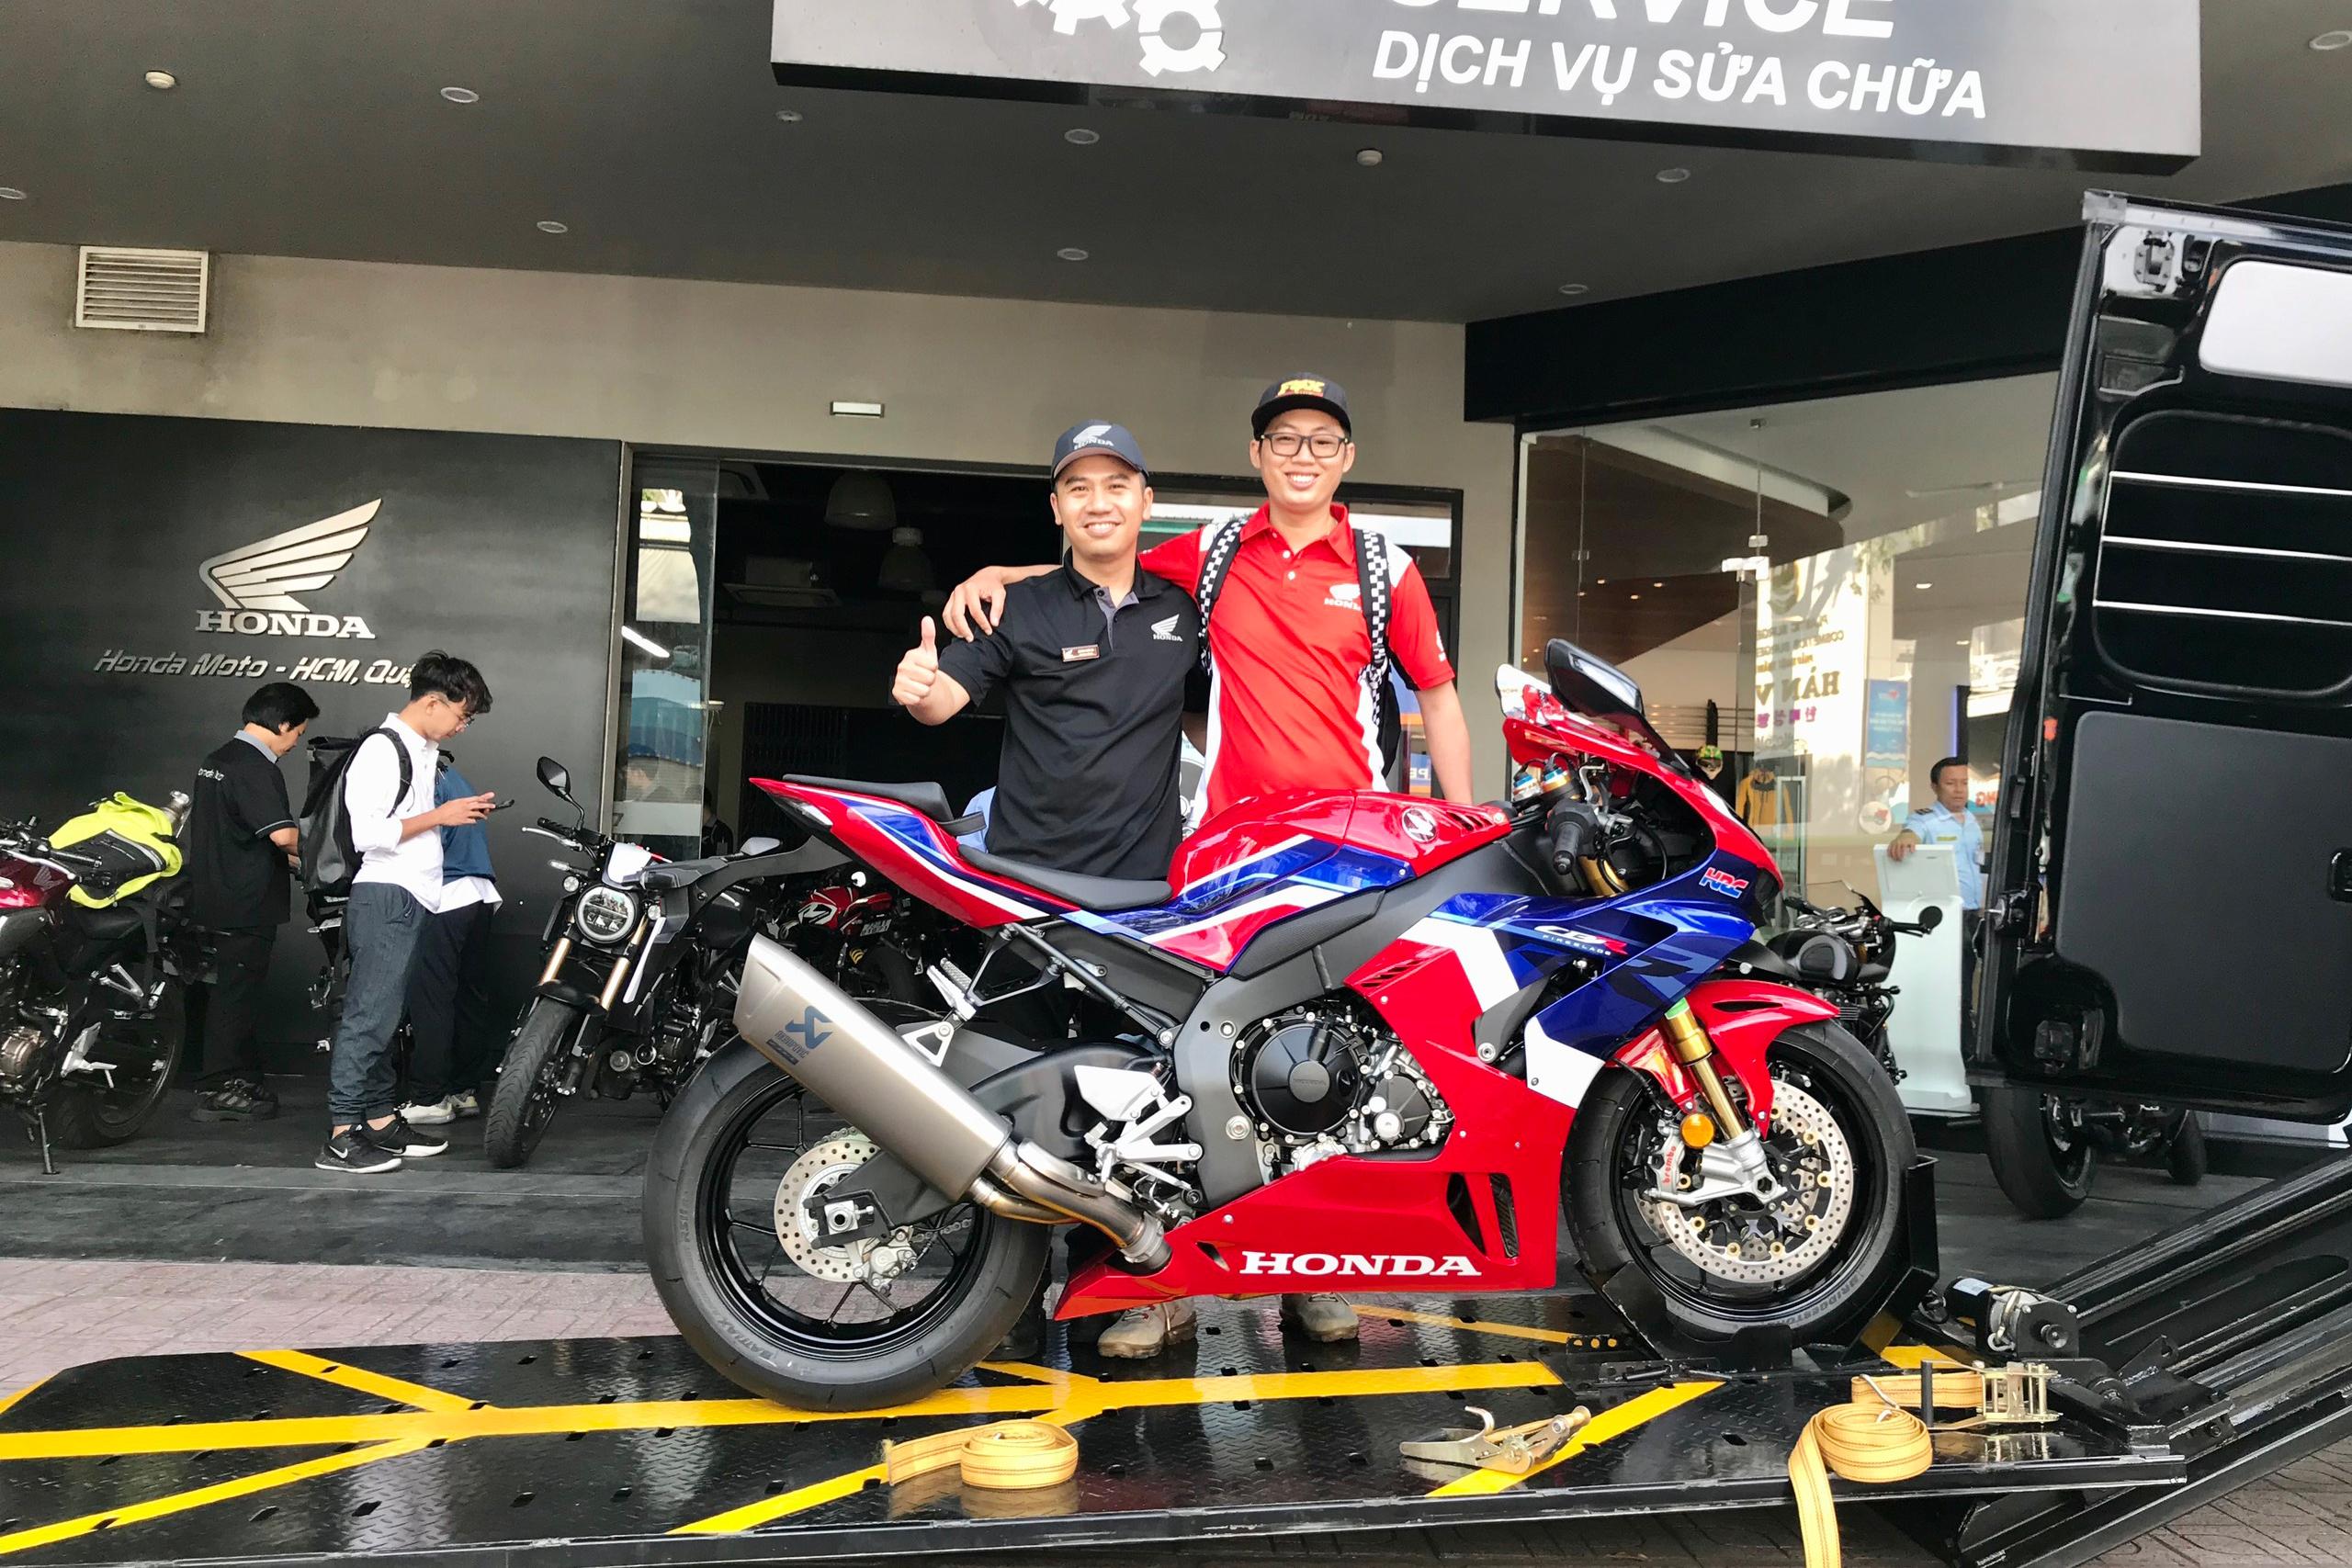 Bàn giao CBR1000RR-R SP tiếp theo tại Honda Moto Phát Tiến